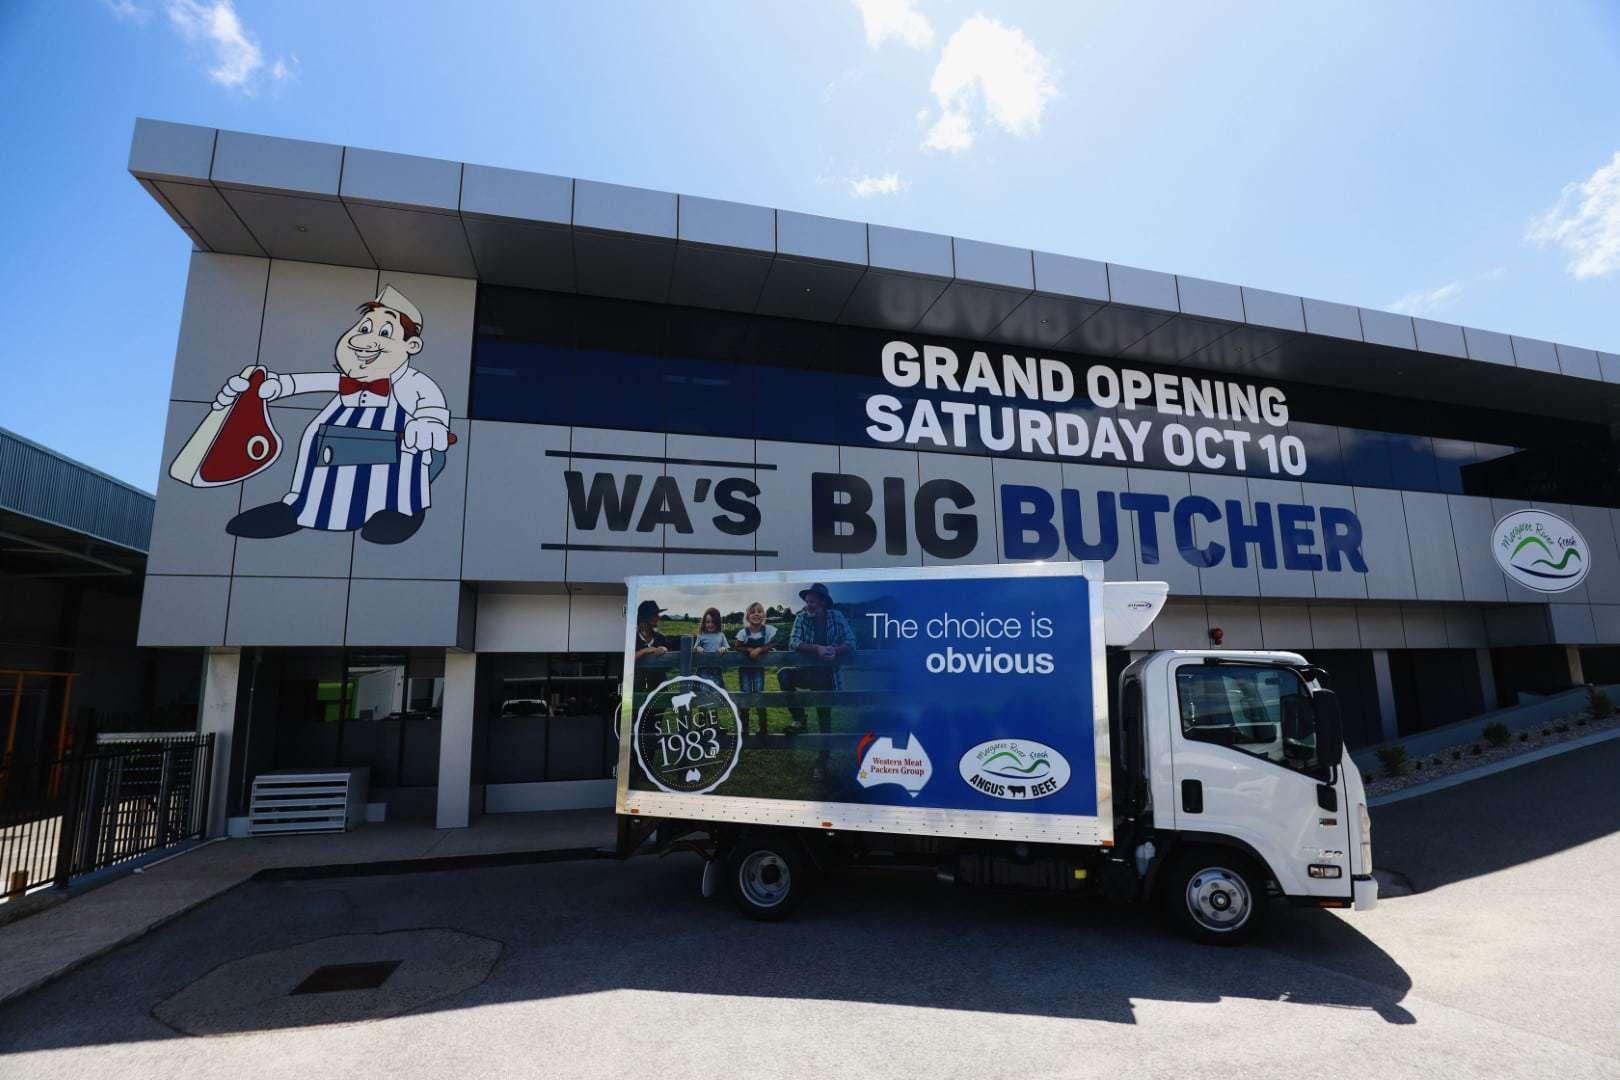 WA's Big Butcher